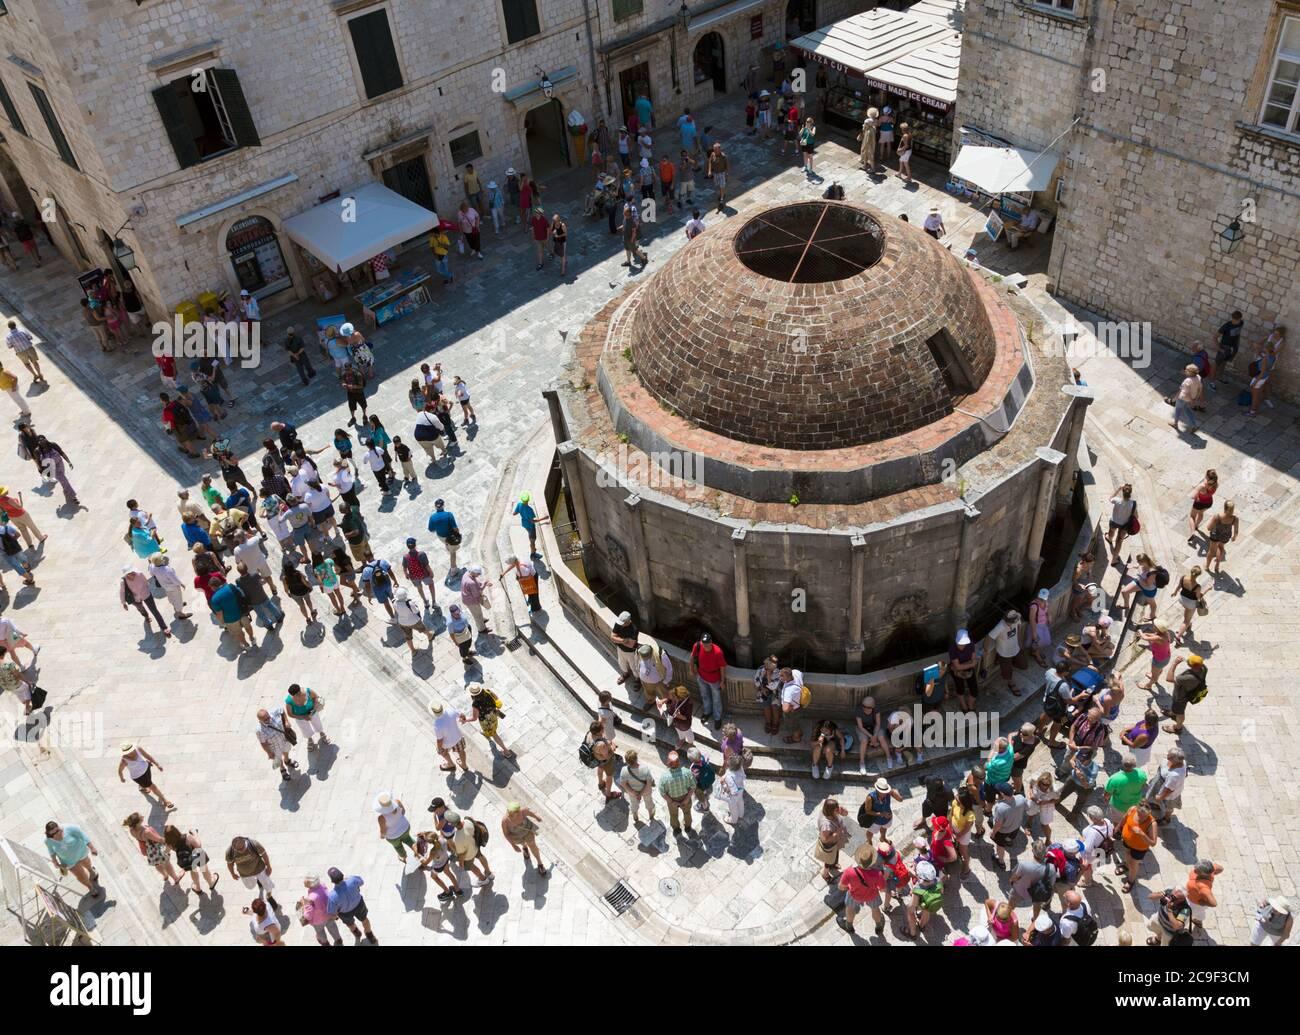 Dubrovnik, Dubrovnik-Neretva County, Croazia. La grande fontana di Onofrio. La città vecchia di Dubrovnik è un sito Patrimonio Mondiale dell'UNESCO. Foto Stock